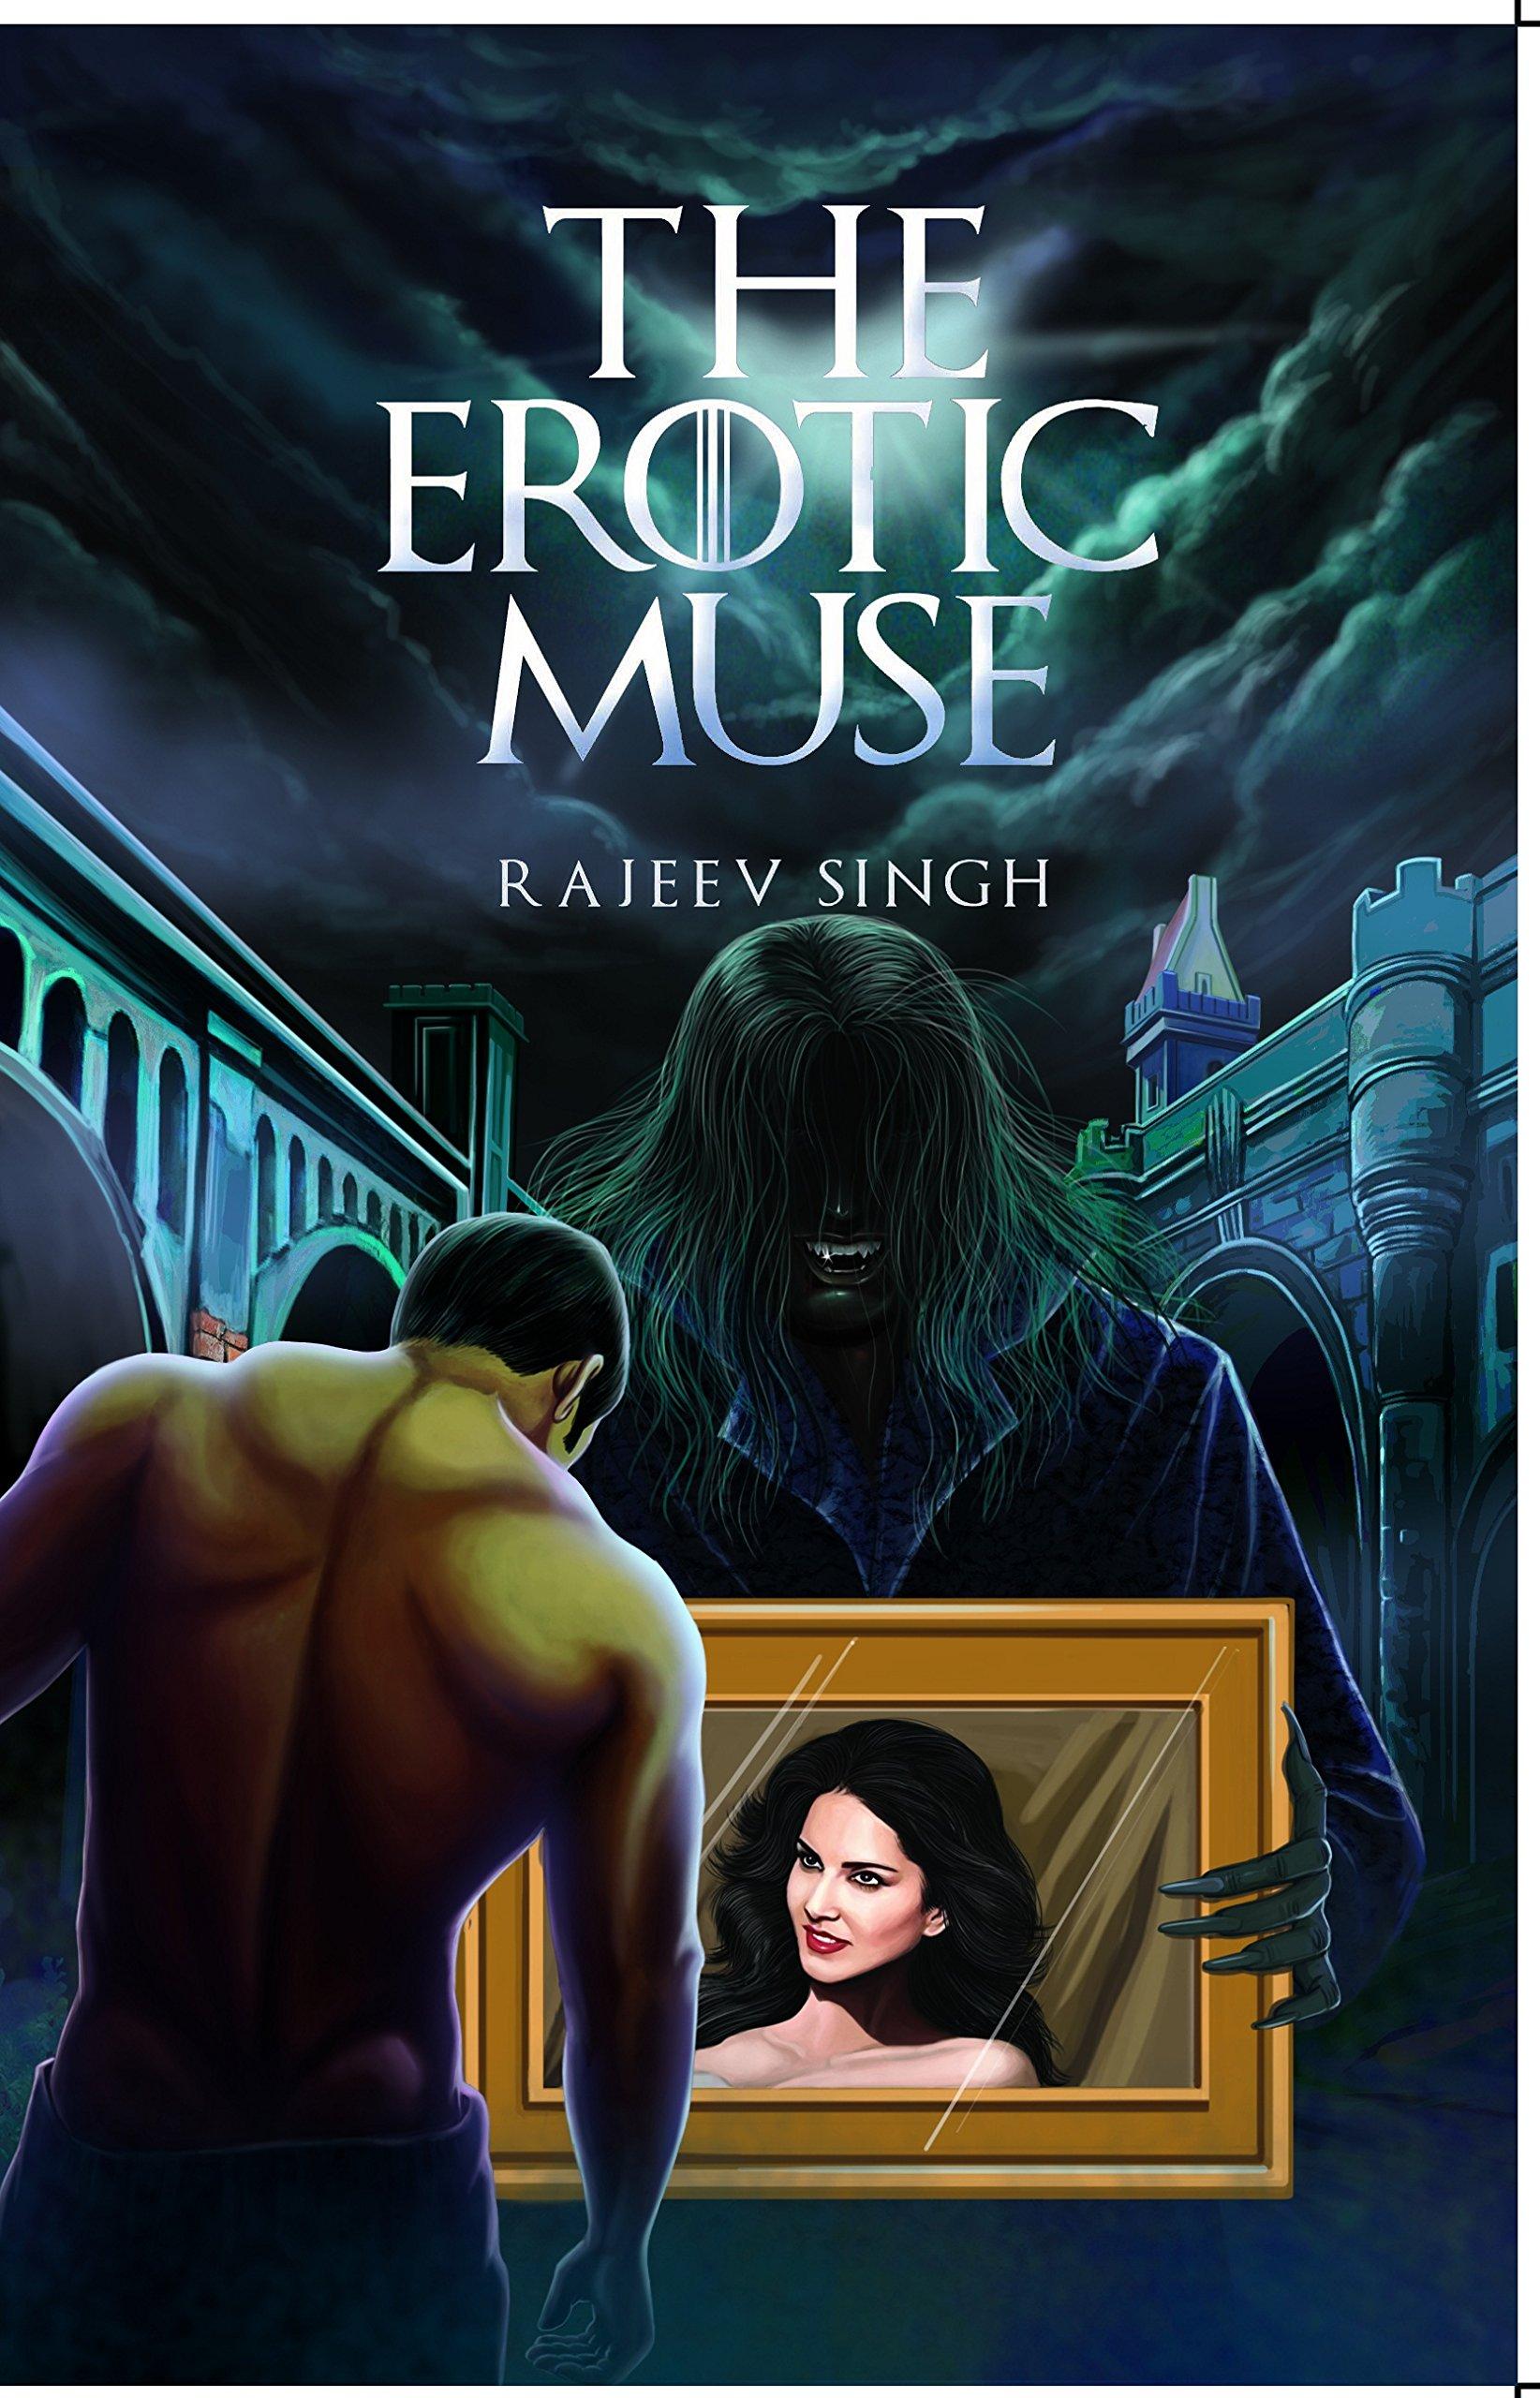 Erotic dreams game